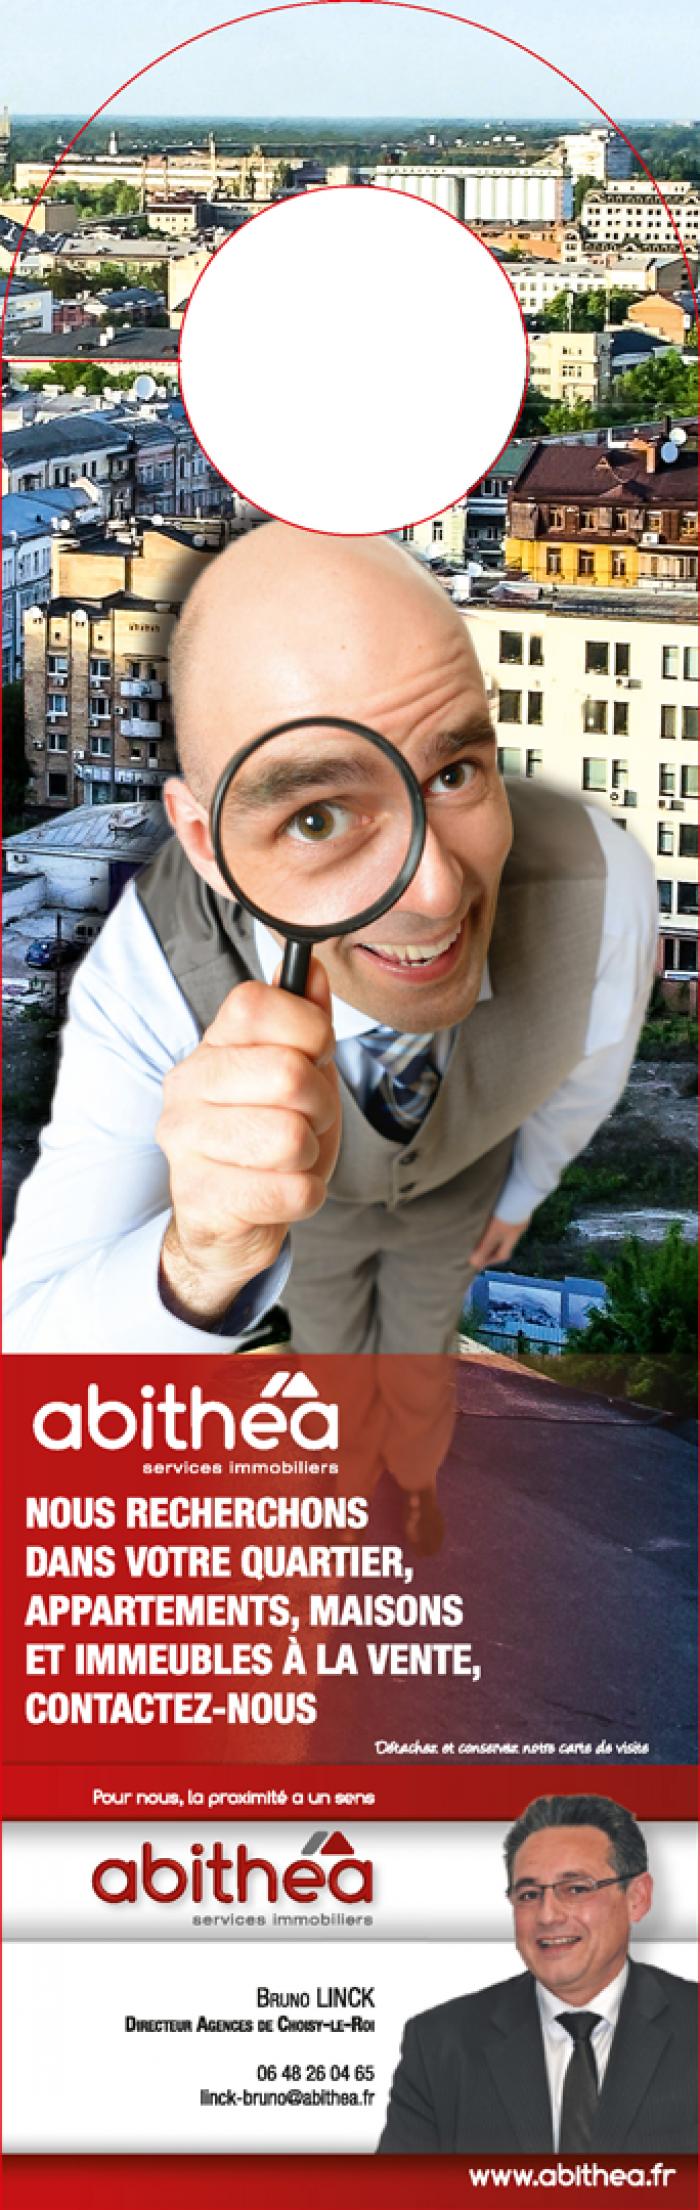 Accroche-porte pour la franchise abithéa